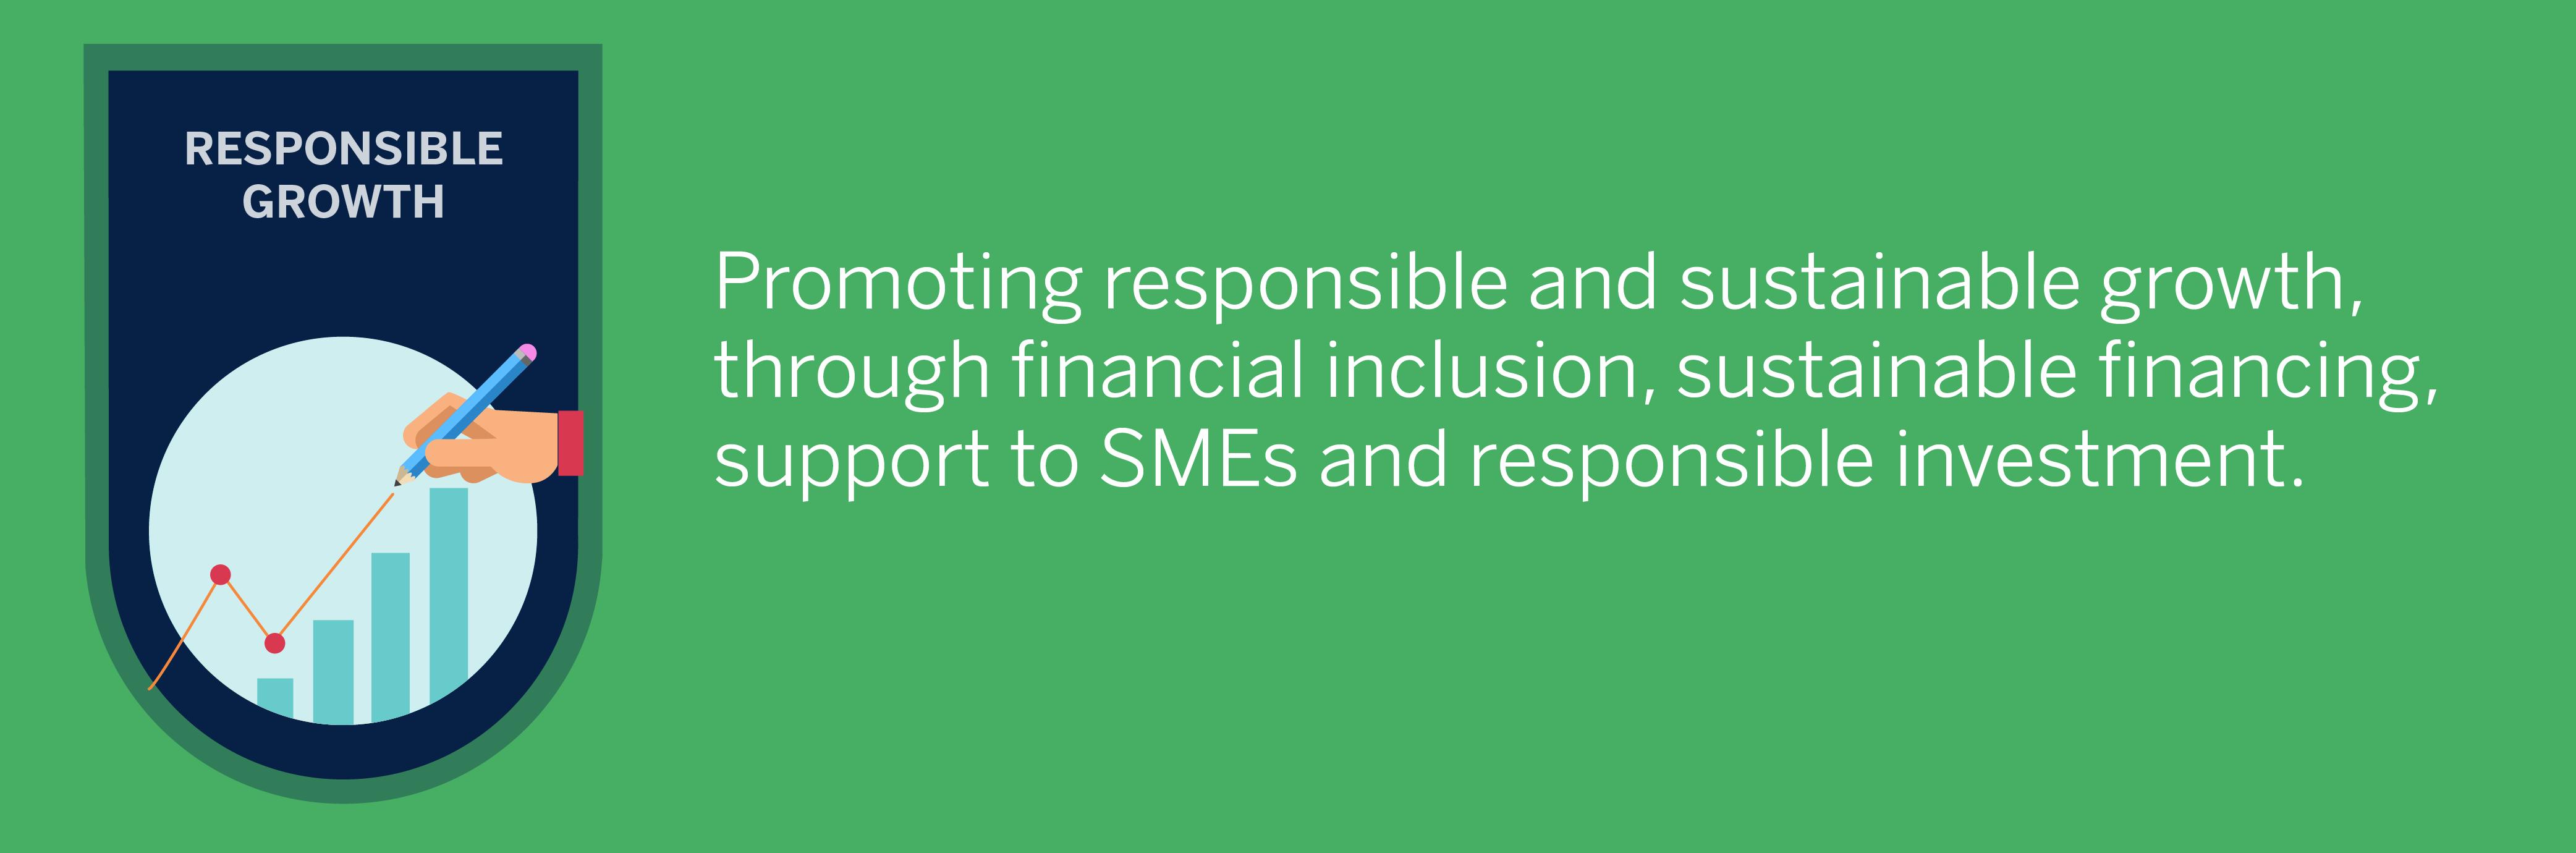 banca-responsable-eng_crecimiento-responsable